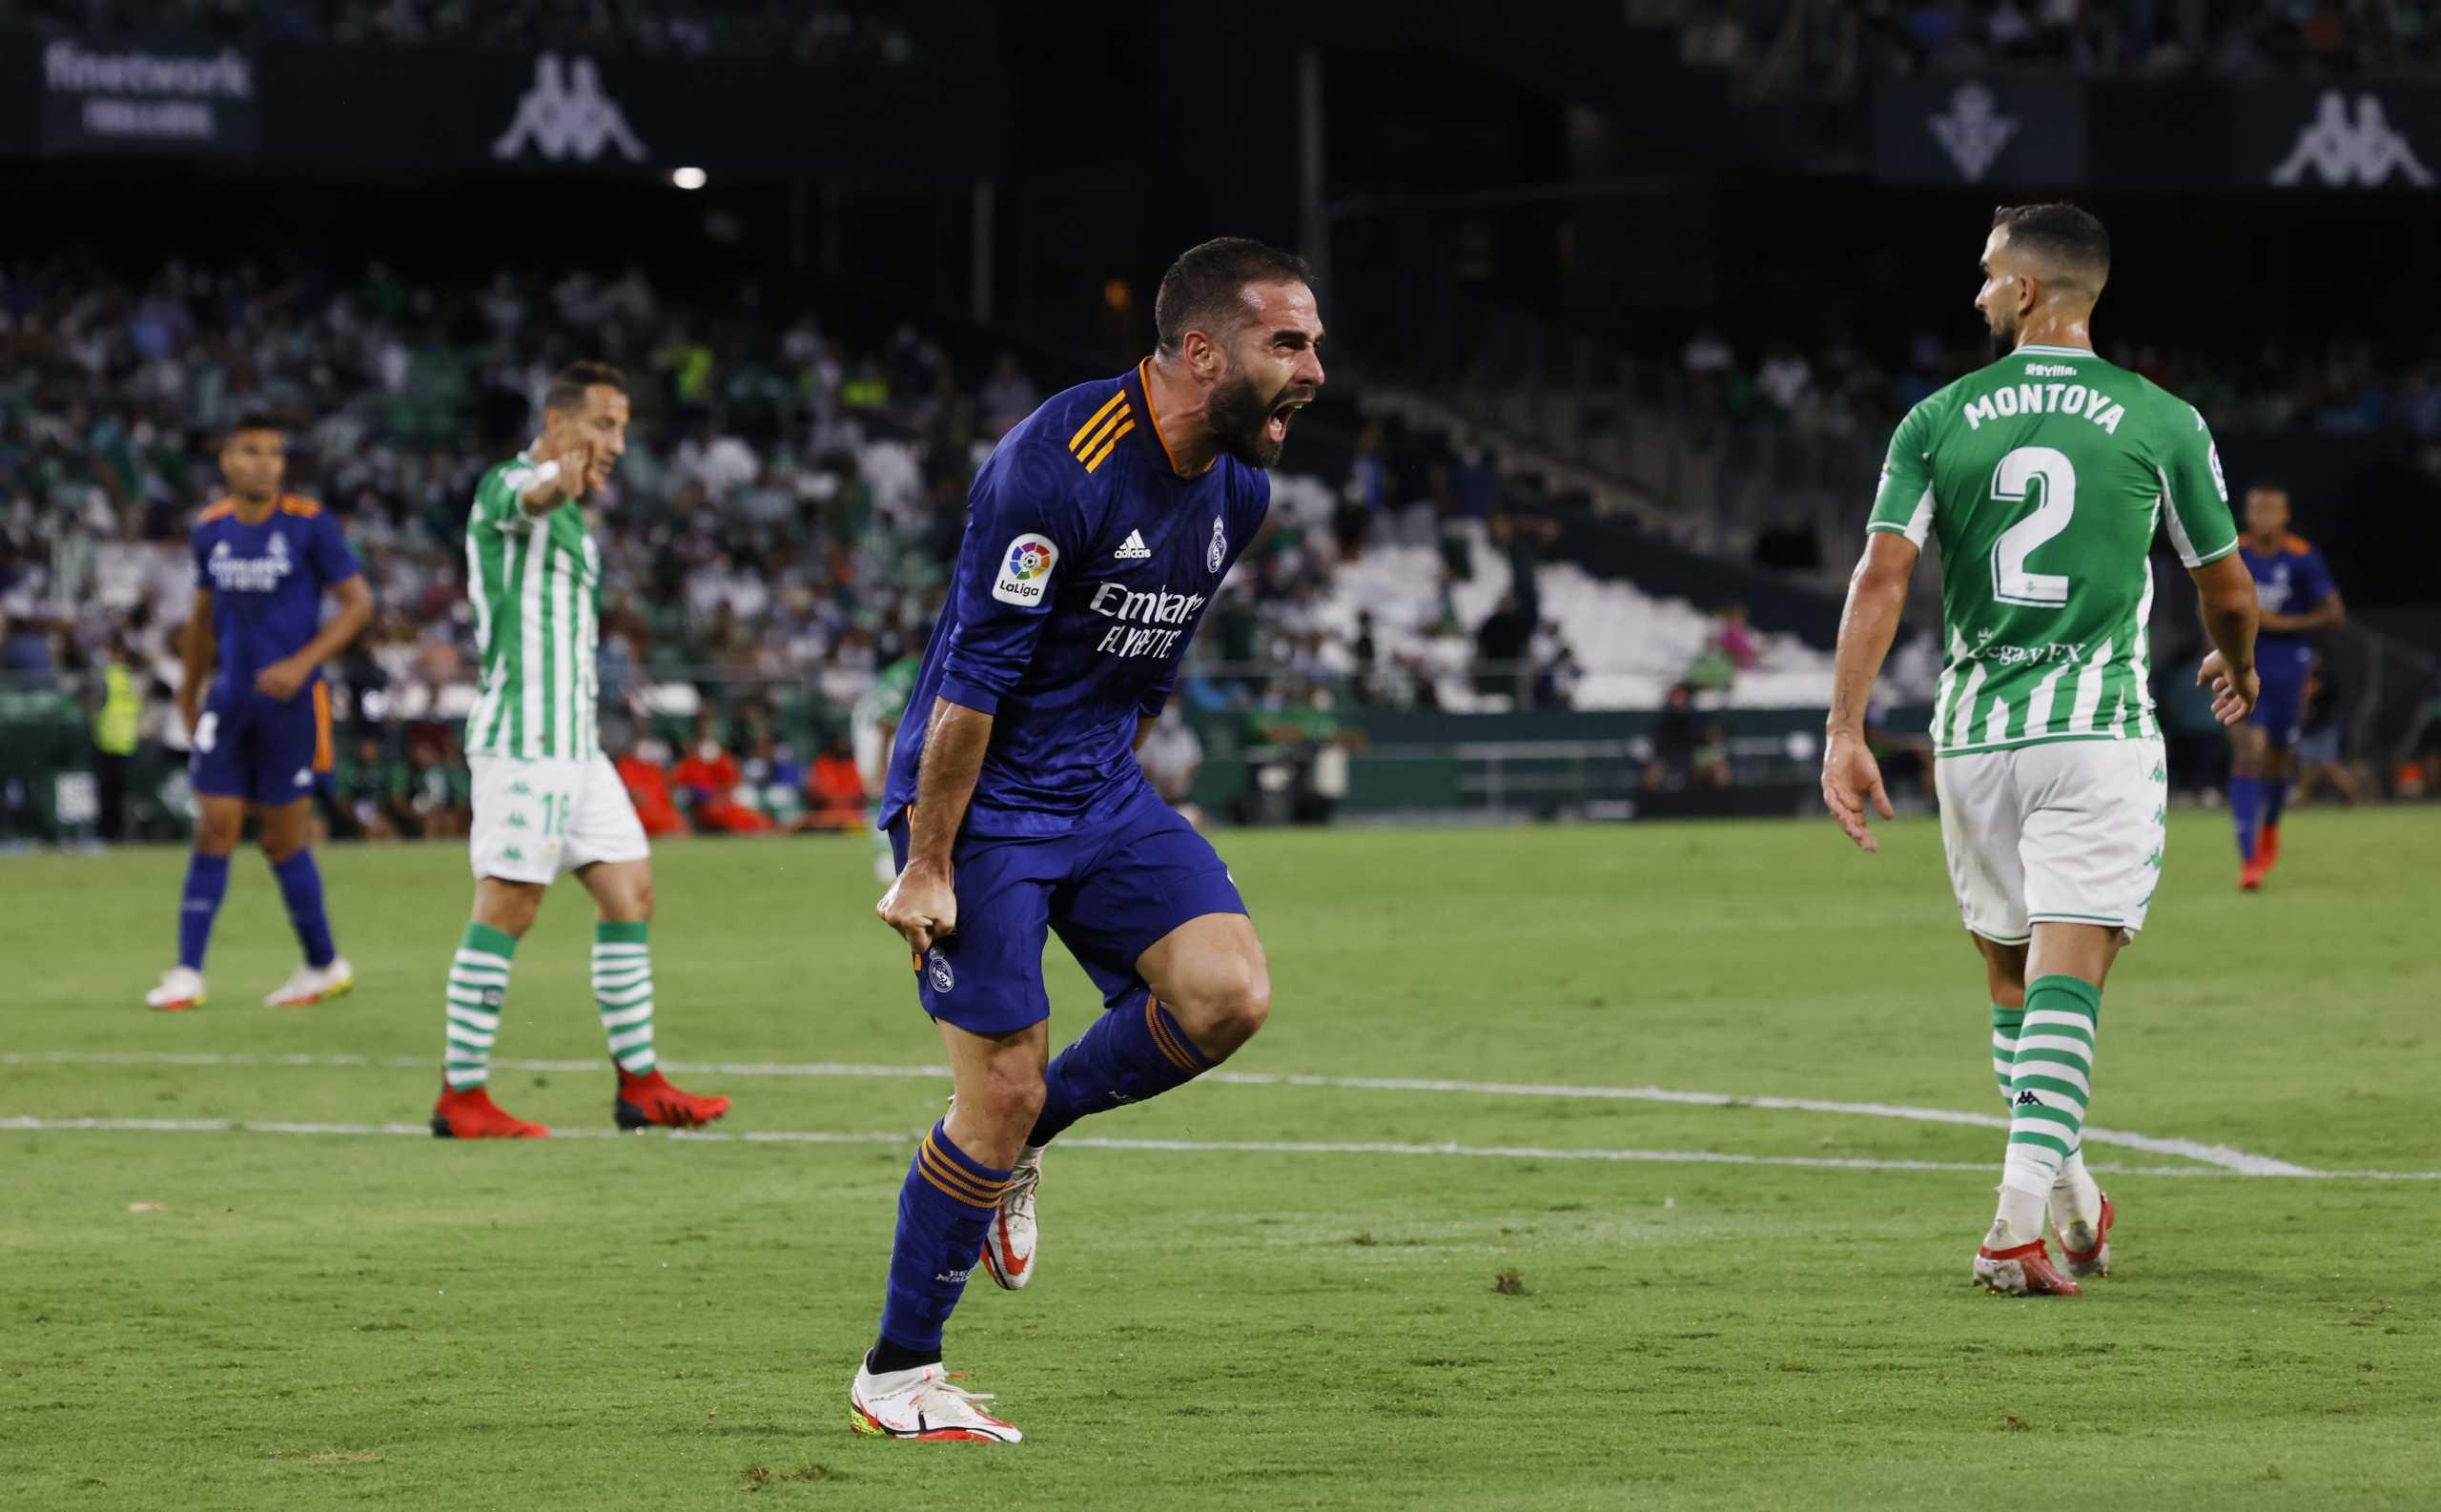 La Liga: Απόδραση από την έδρα της Μπέτις και κορυφή για την Ρεάλ – Πρώτη απώλεια για Σεβίλλη